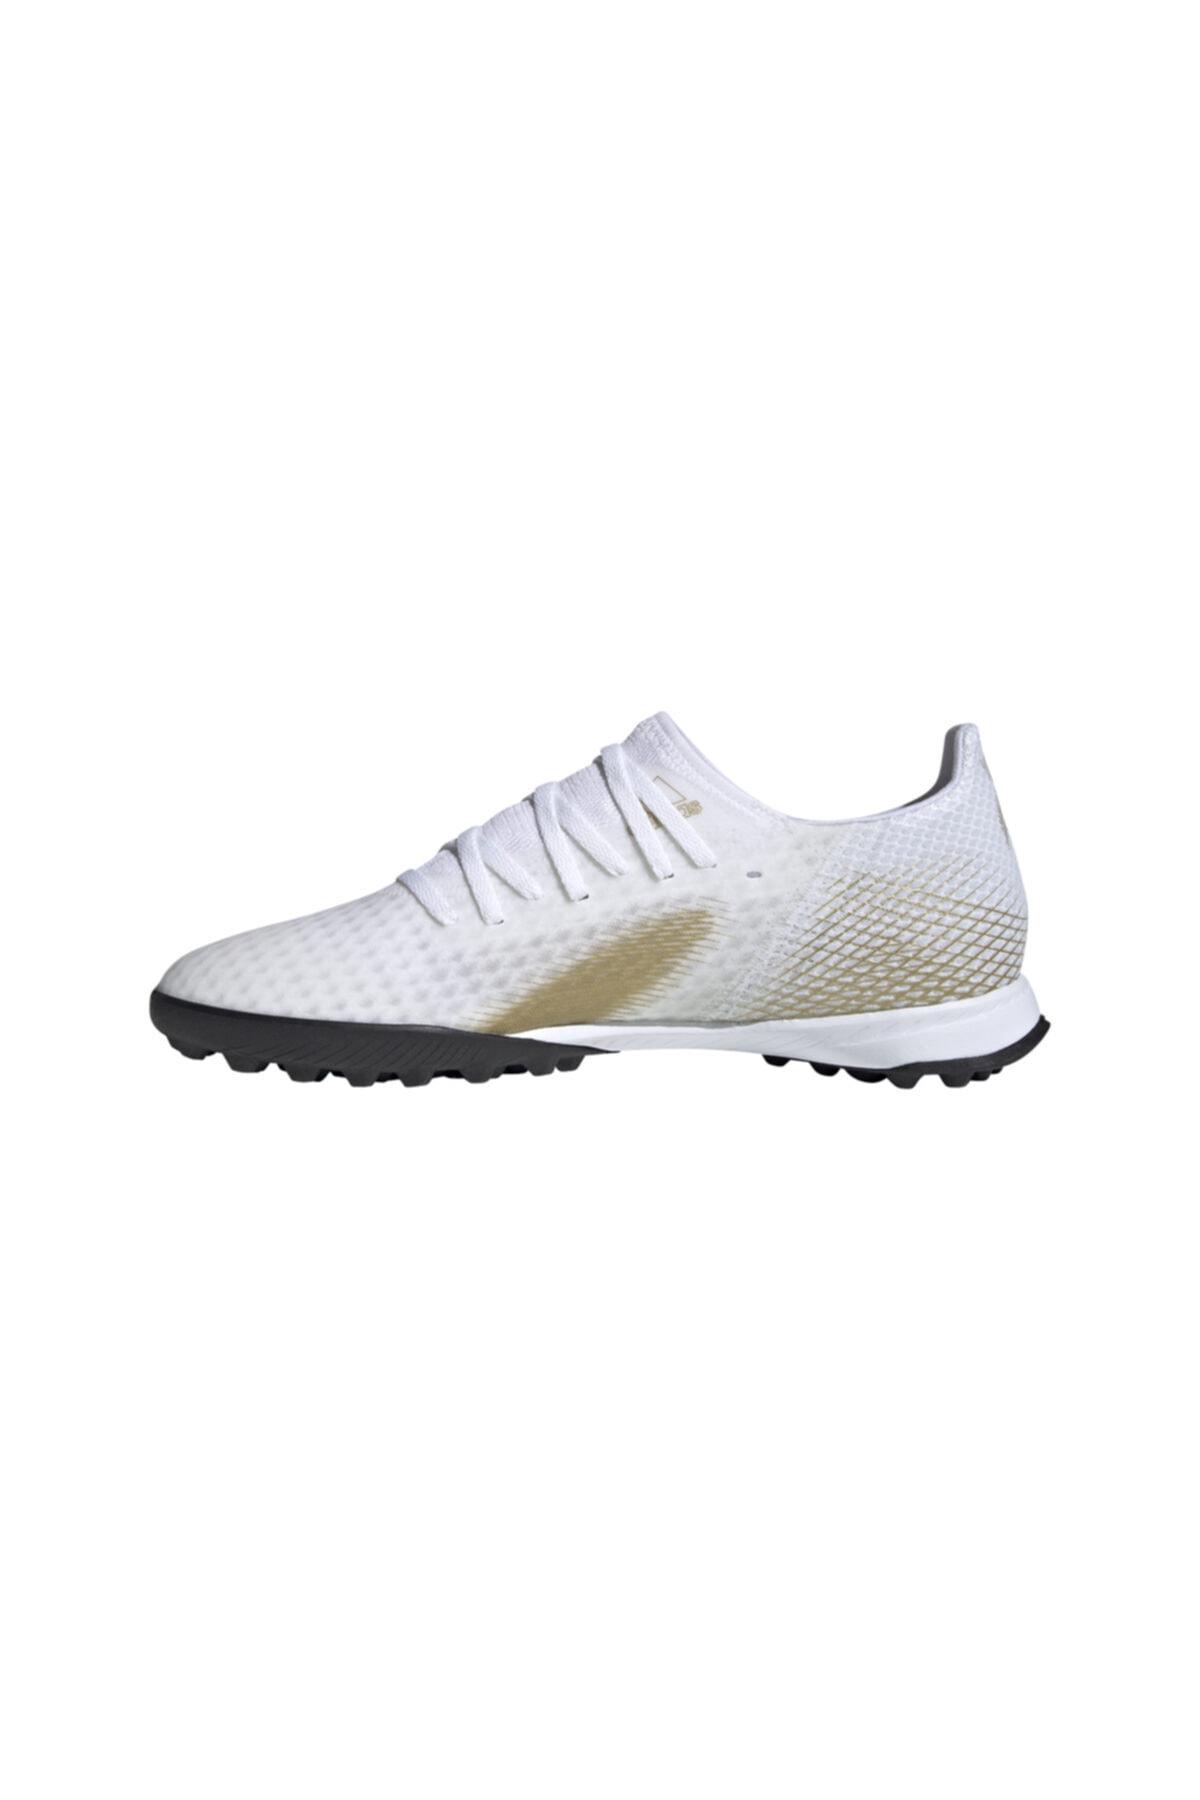 adidas X Ghosted.3 Turf  Erkek Halı Saha Ayakkabı 2